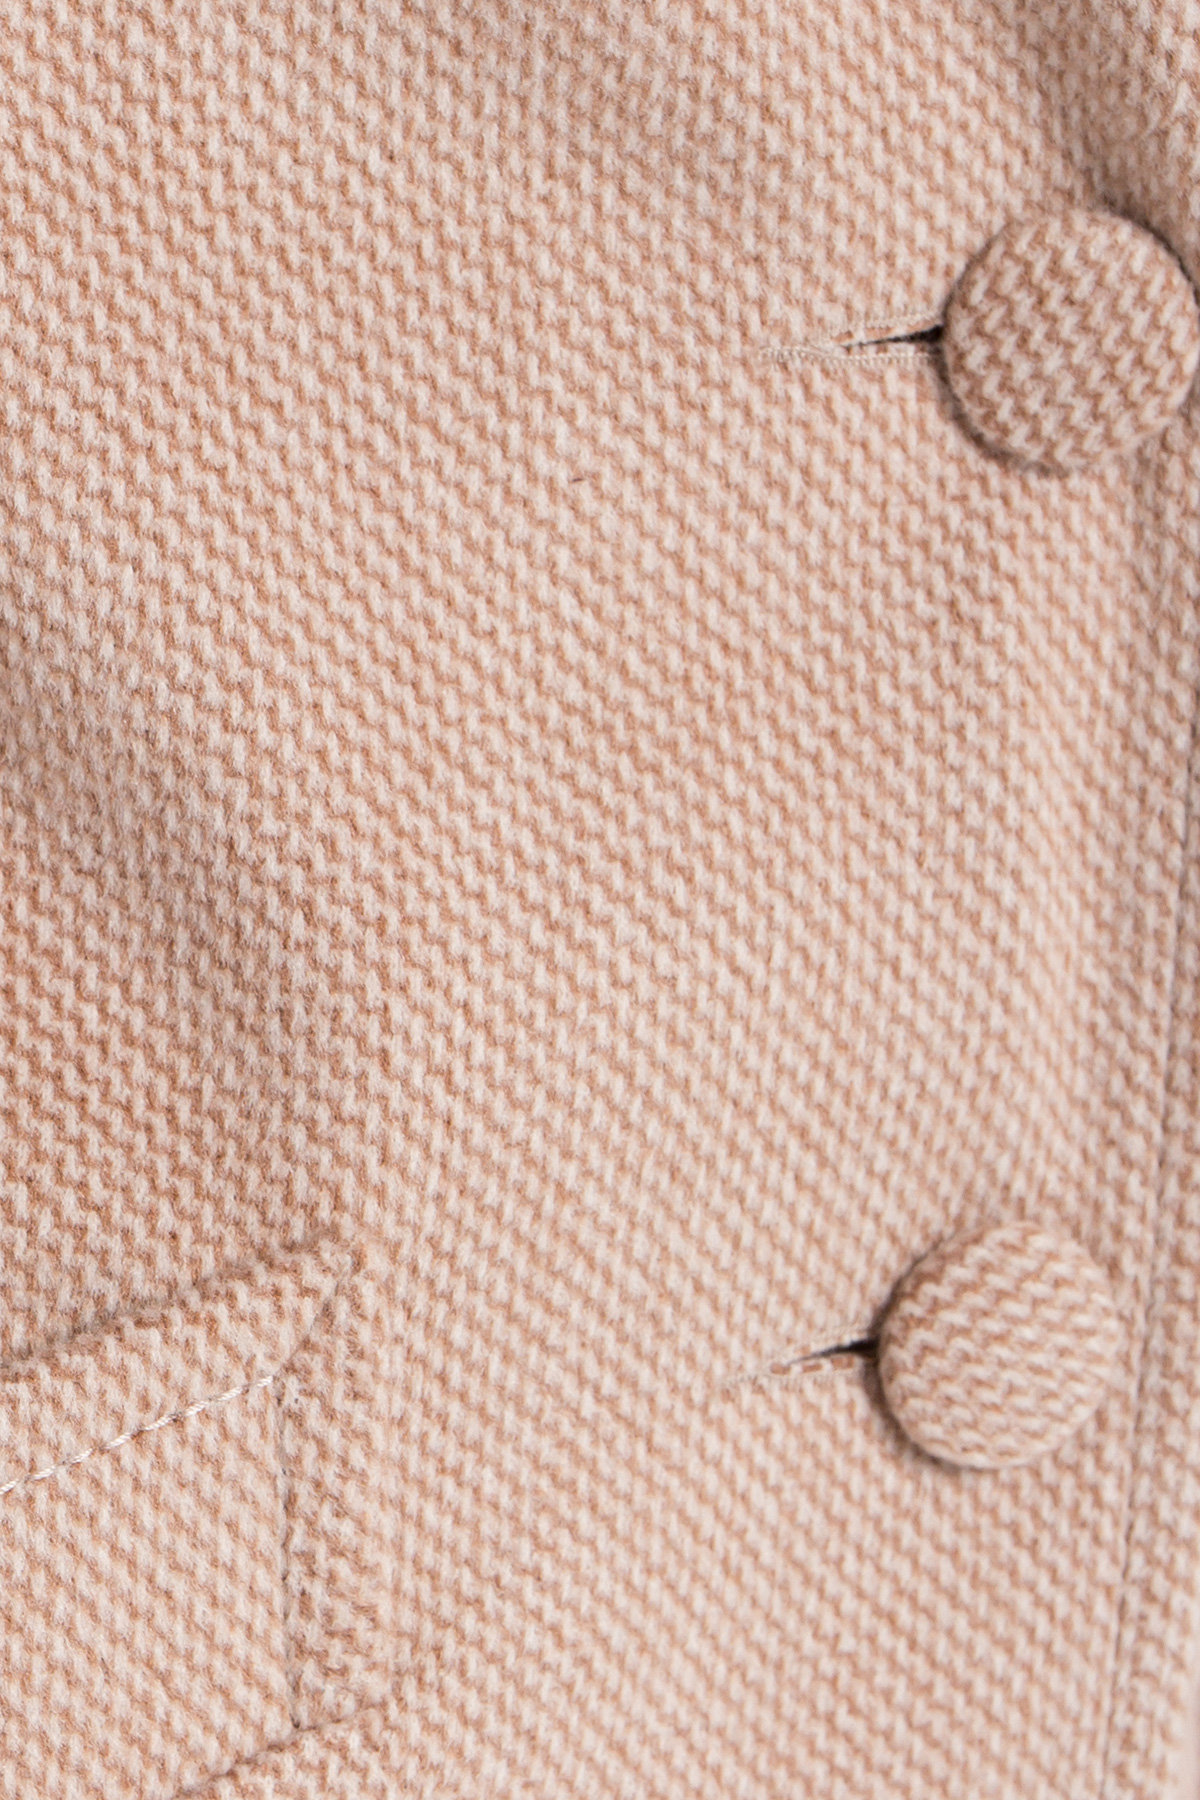 Кашемировое пальто Вейсона 8803 АРТ. 45176 Цвет: Кофе - фото 6, интернет магазин tm-modus.ru